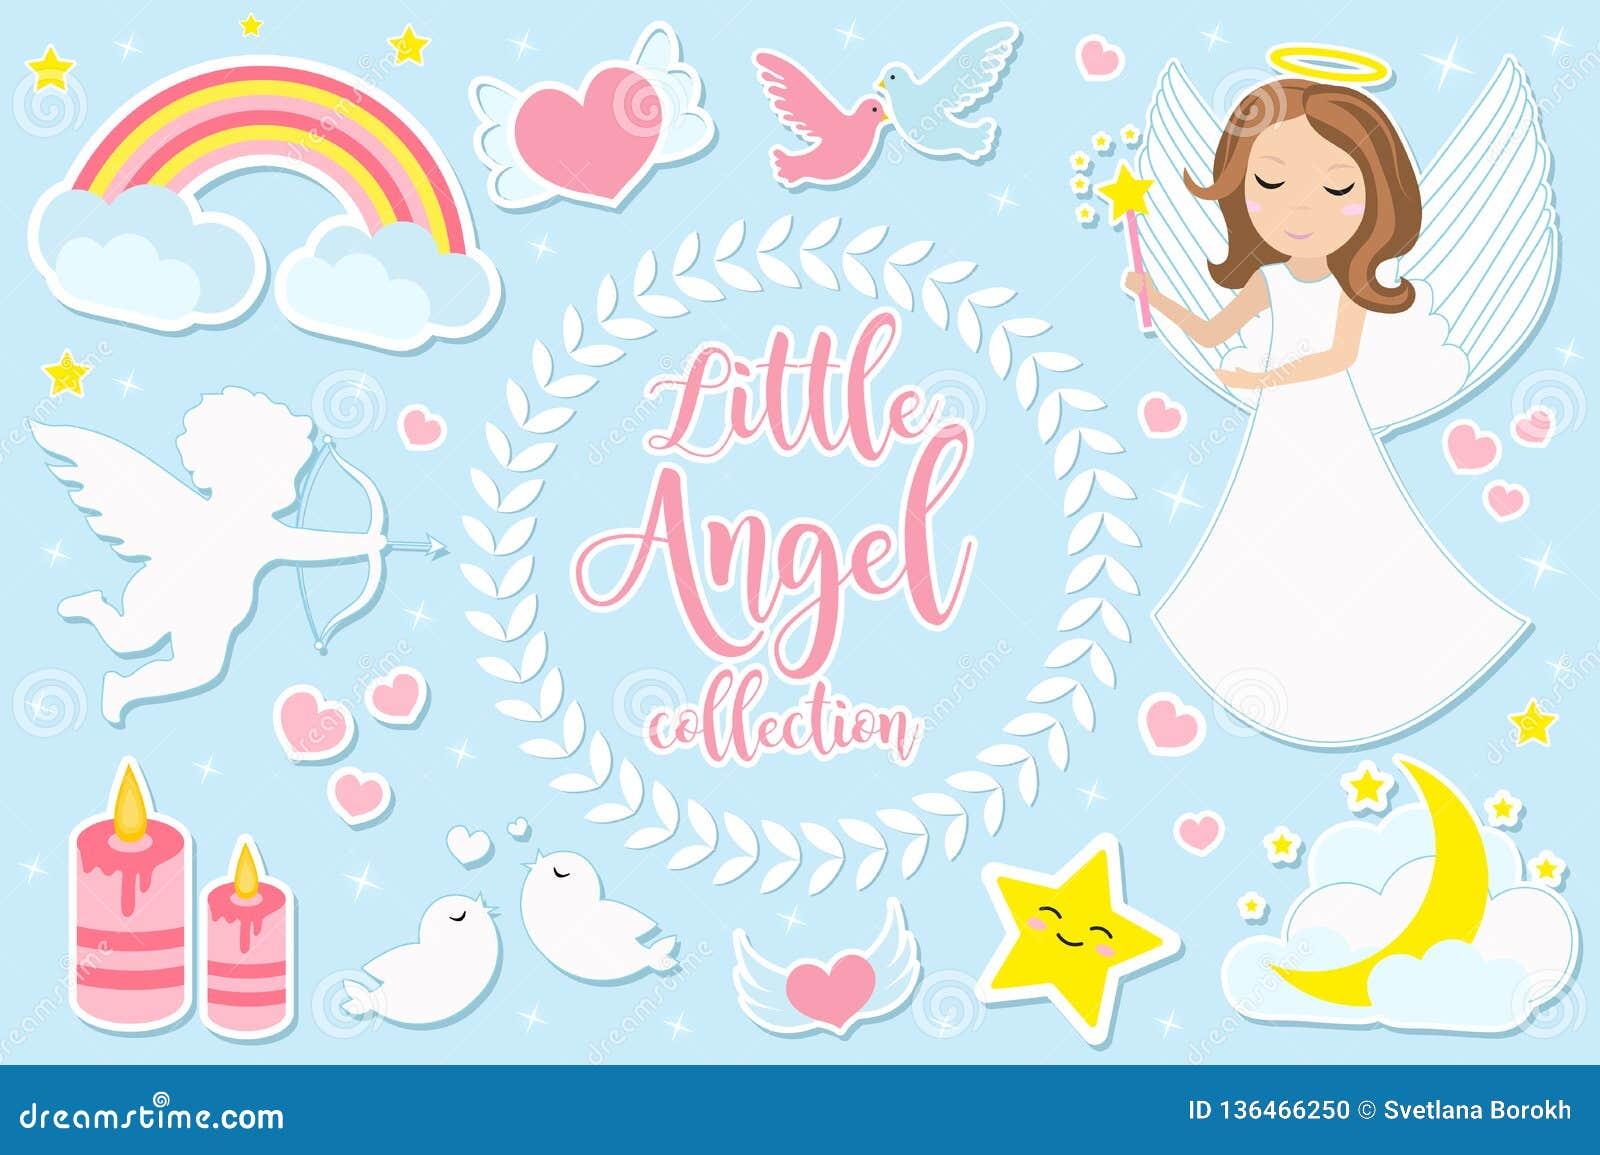 Weinig karakter van het engelenmeisje - reeks voorwerpen Inzameling van ontwerpelement met engelen, cupido, wolken, harten, duive